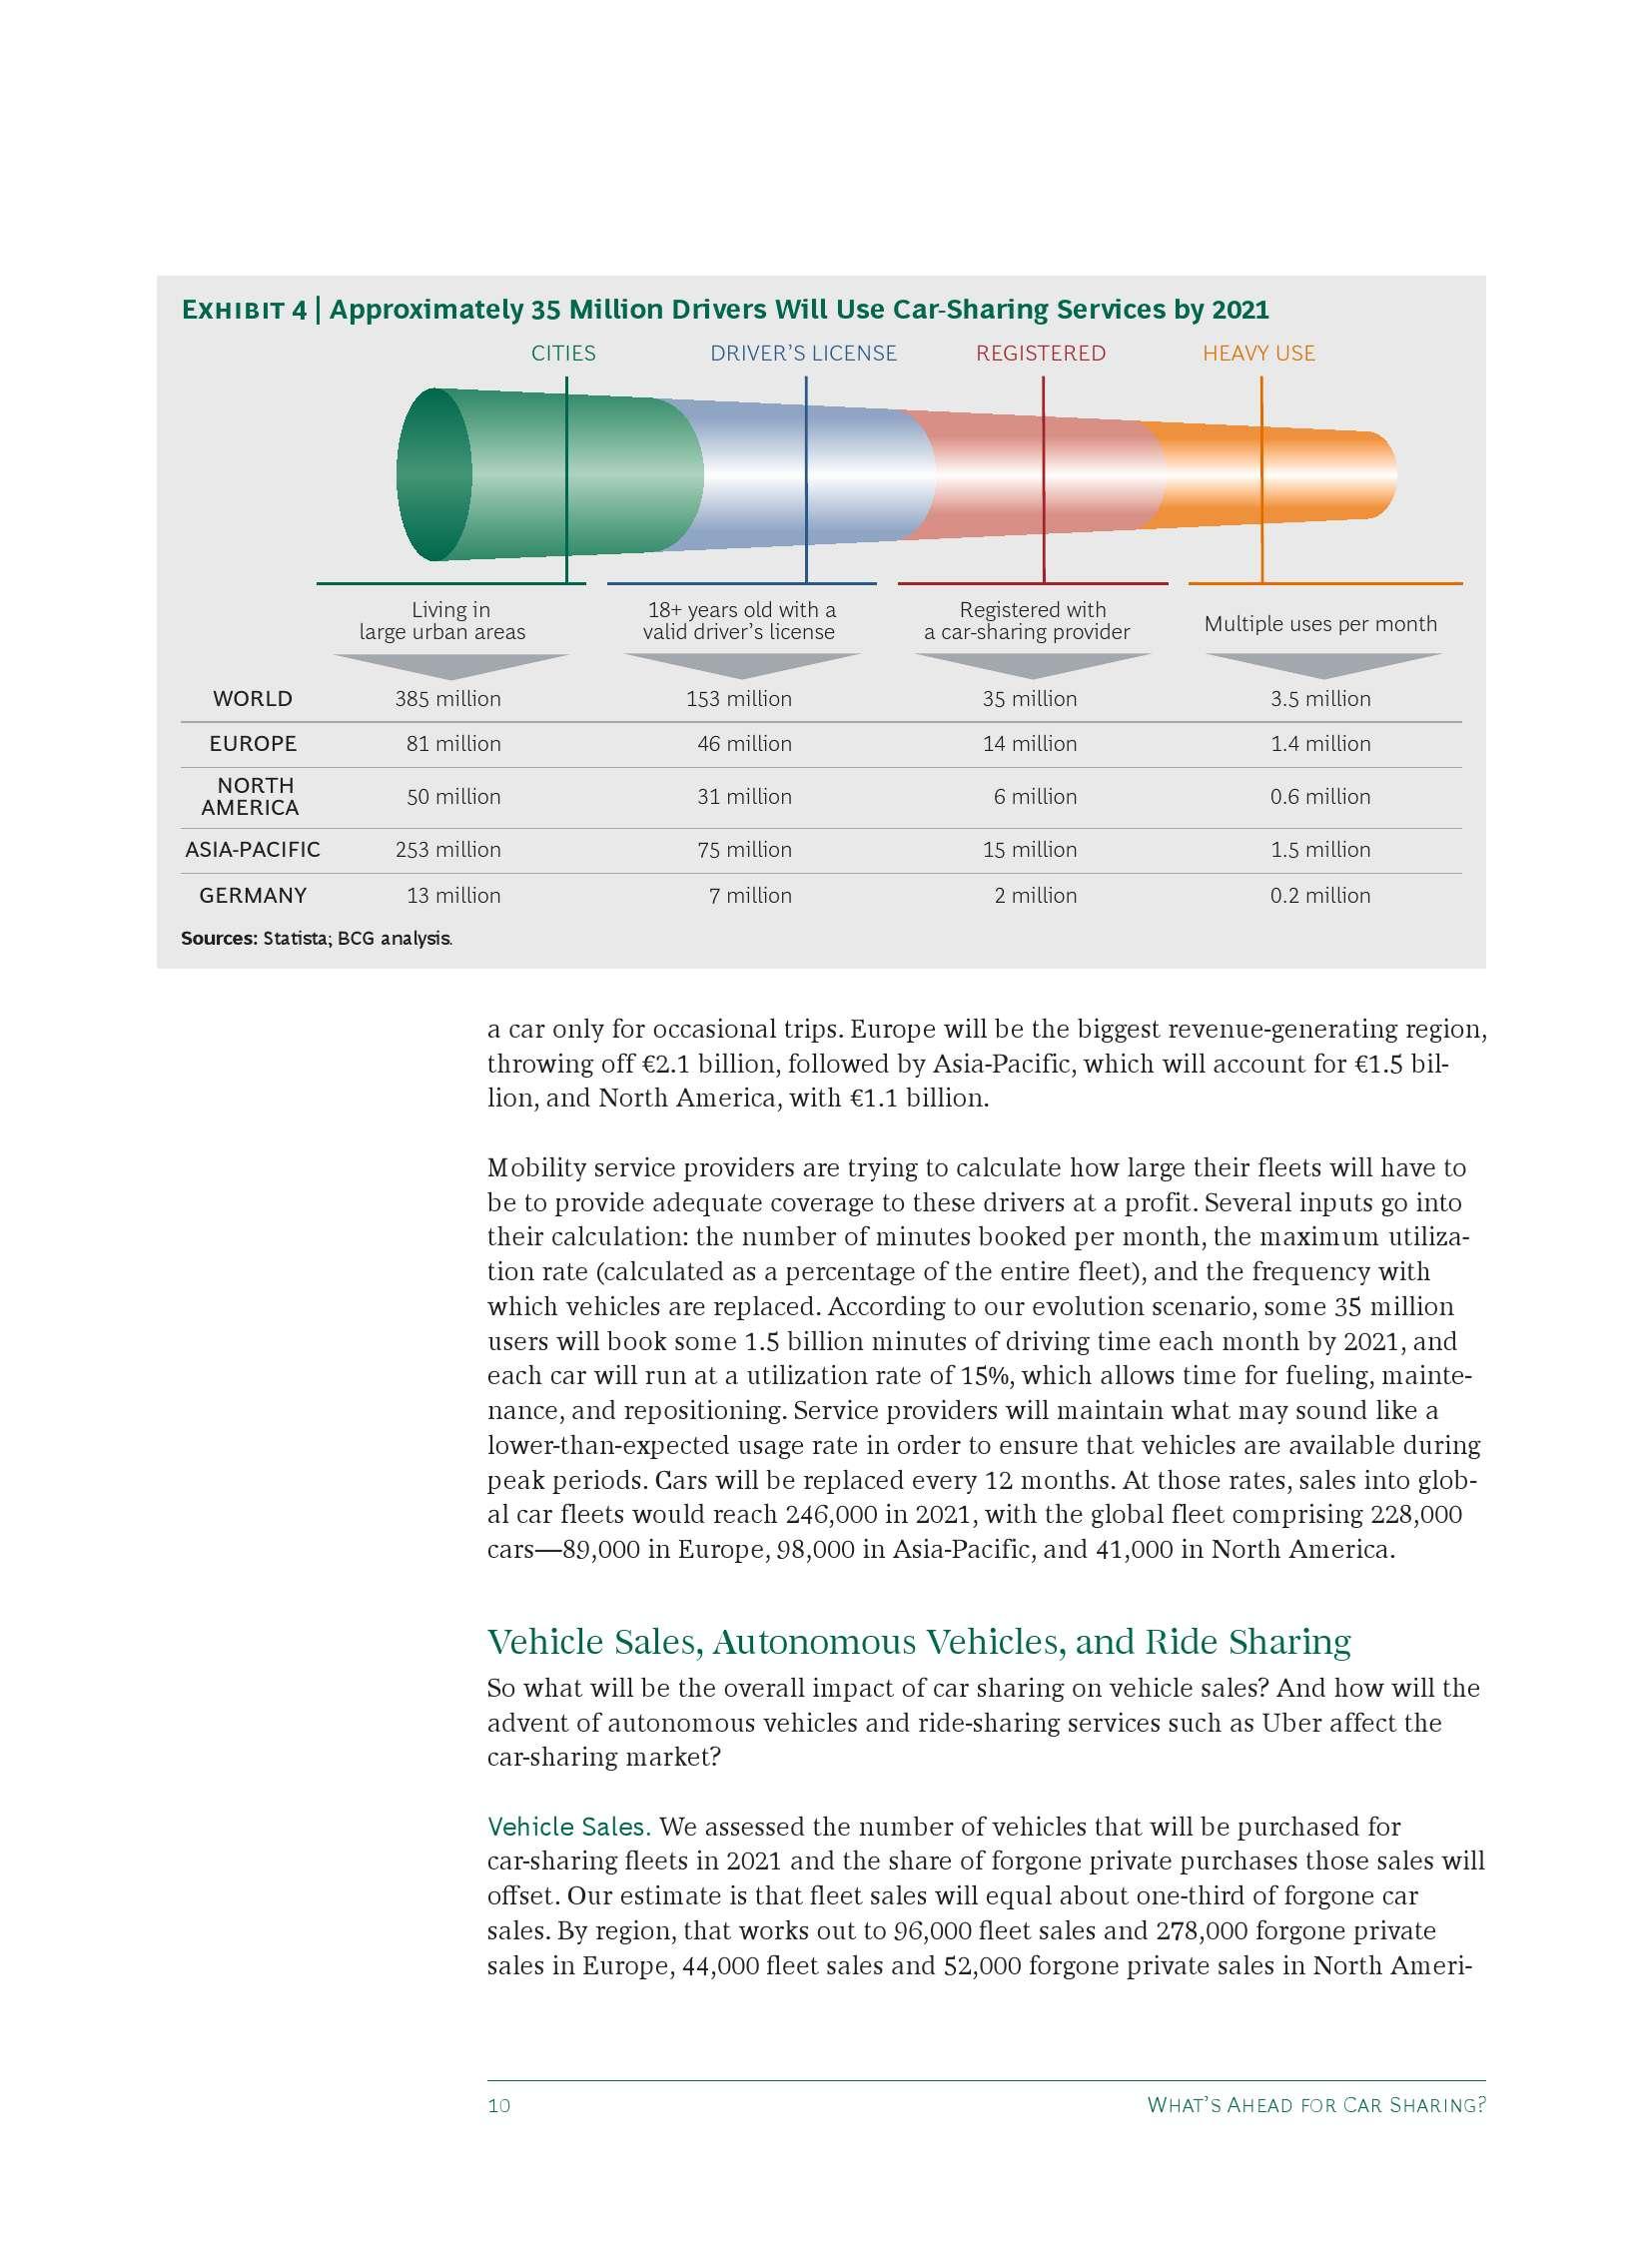 汽车共享新前景:新型出行方式对汽车销量的影响_000012